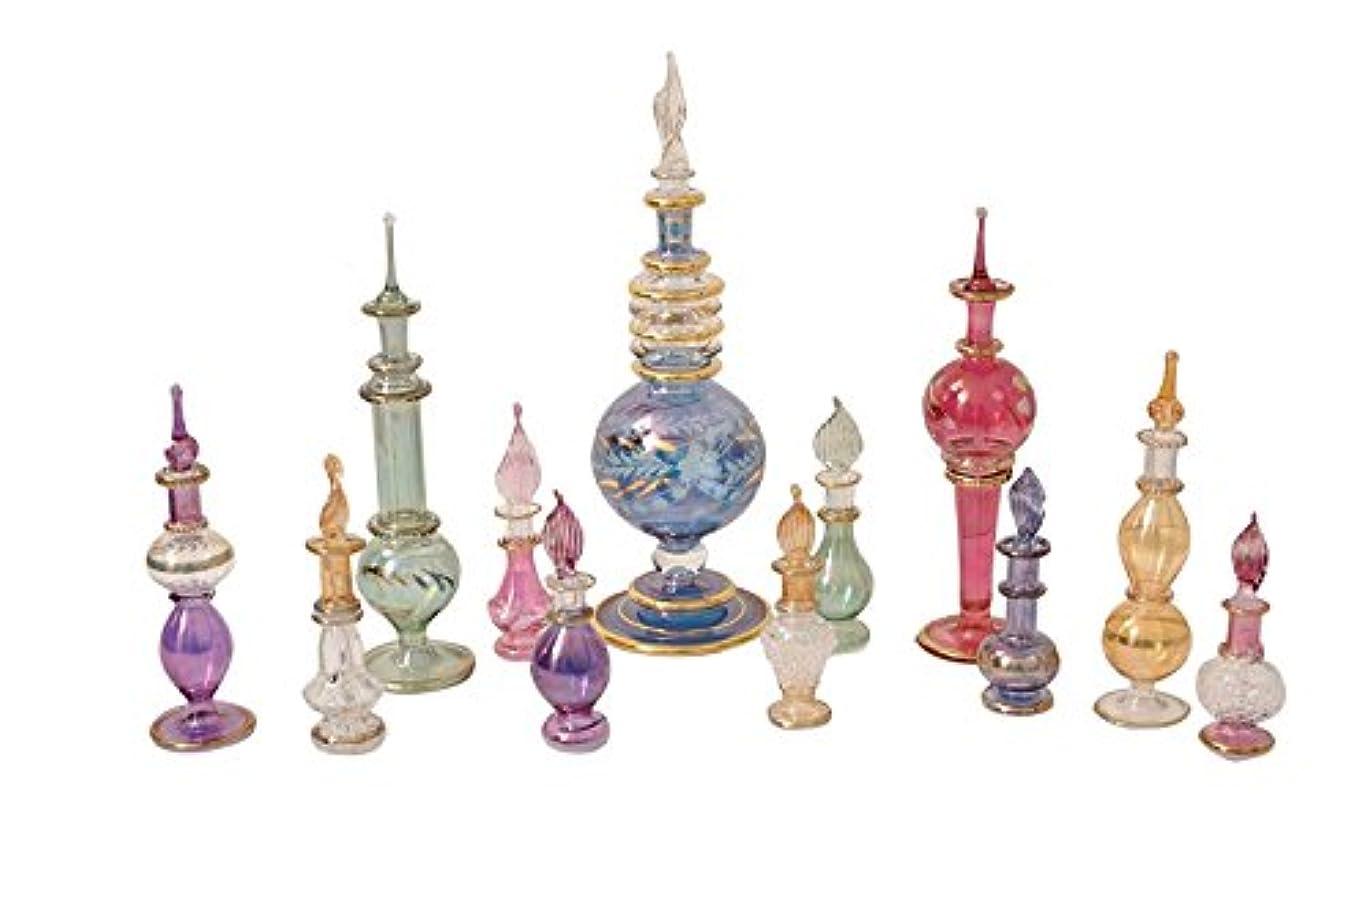 苦行去る文明化するエジプト香水瓶12のセットをMixコレクション手吹き装飾Pyrexガラスバイアルズby CraftsOfEgypt